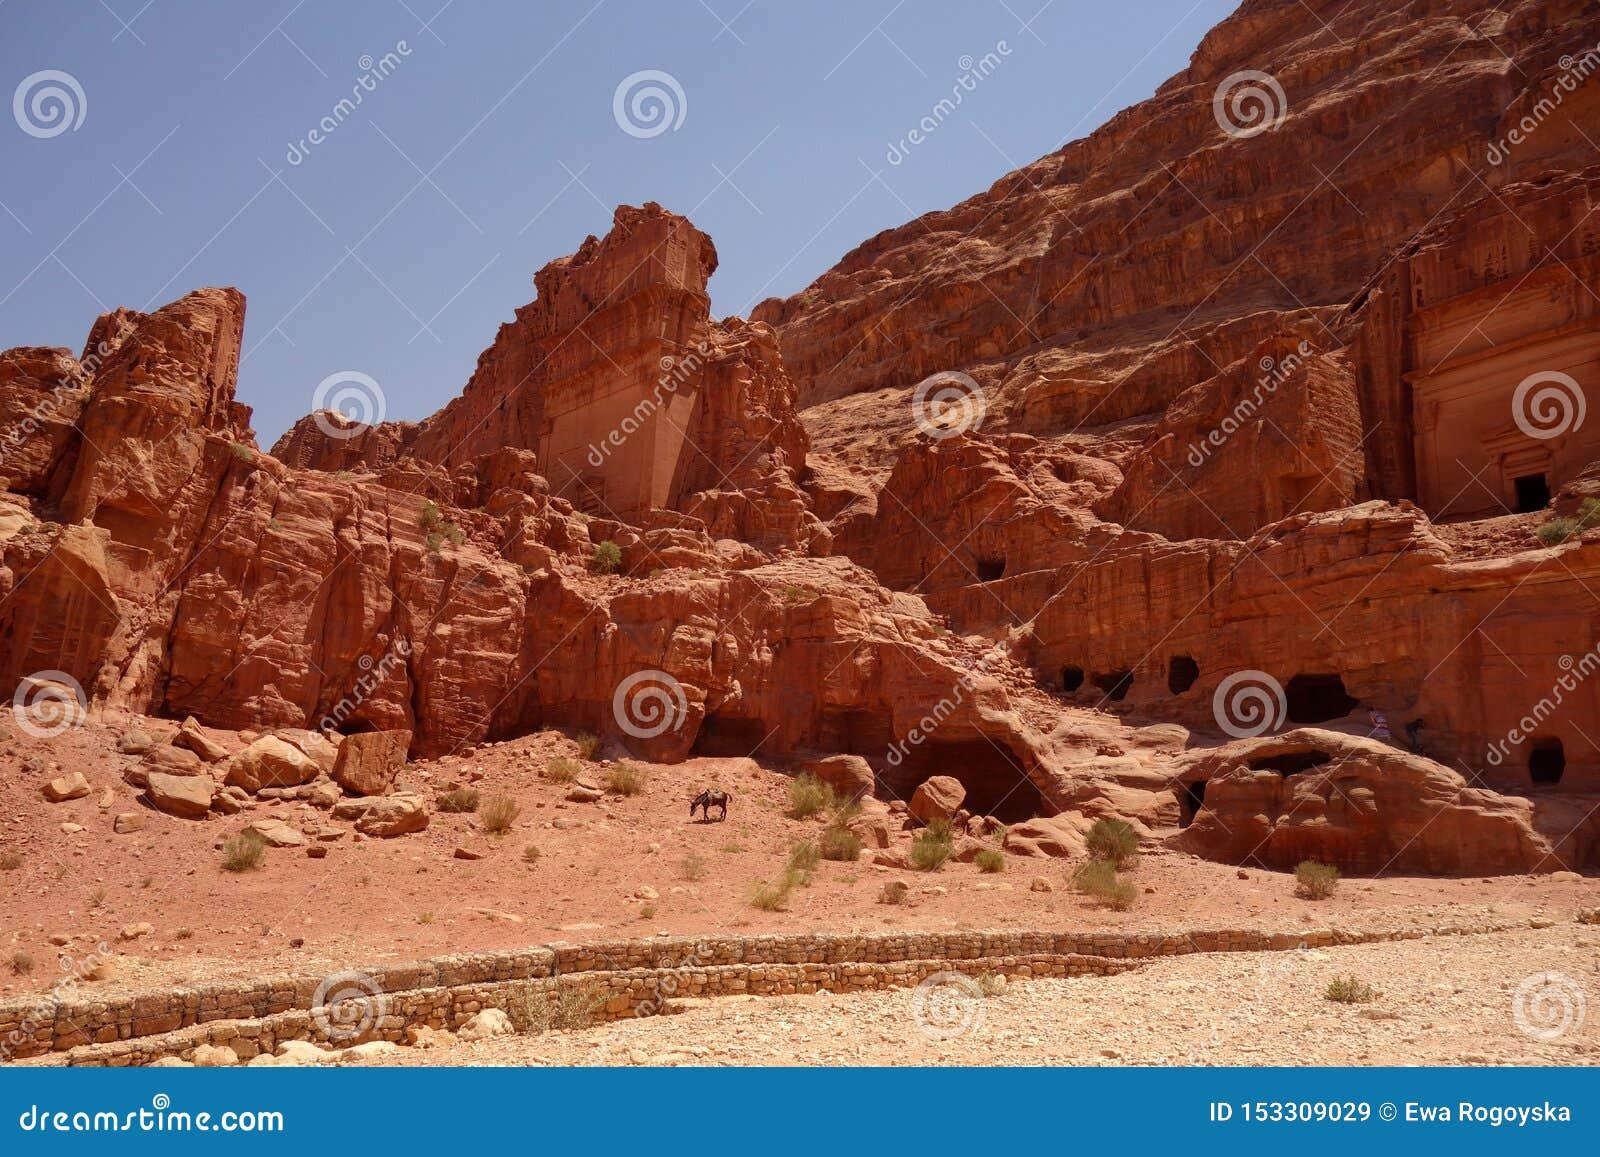 Asino in Petra Jordan